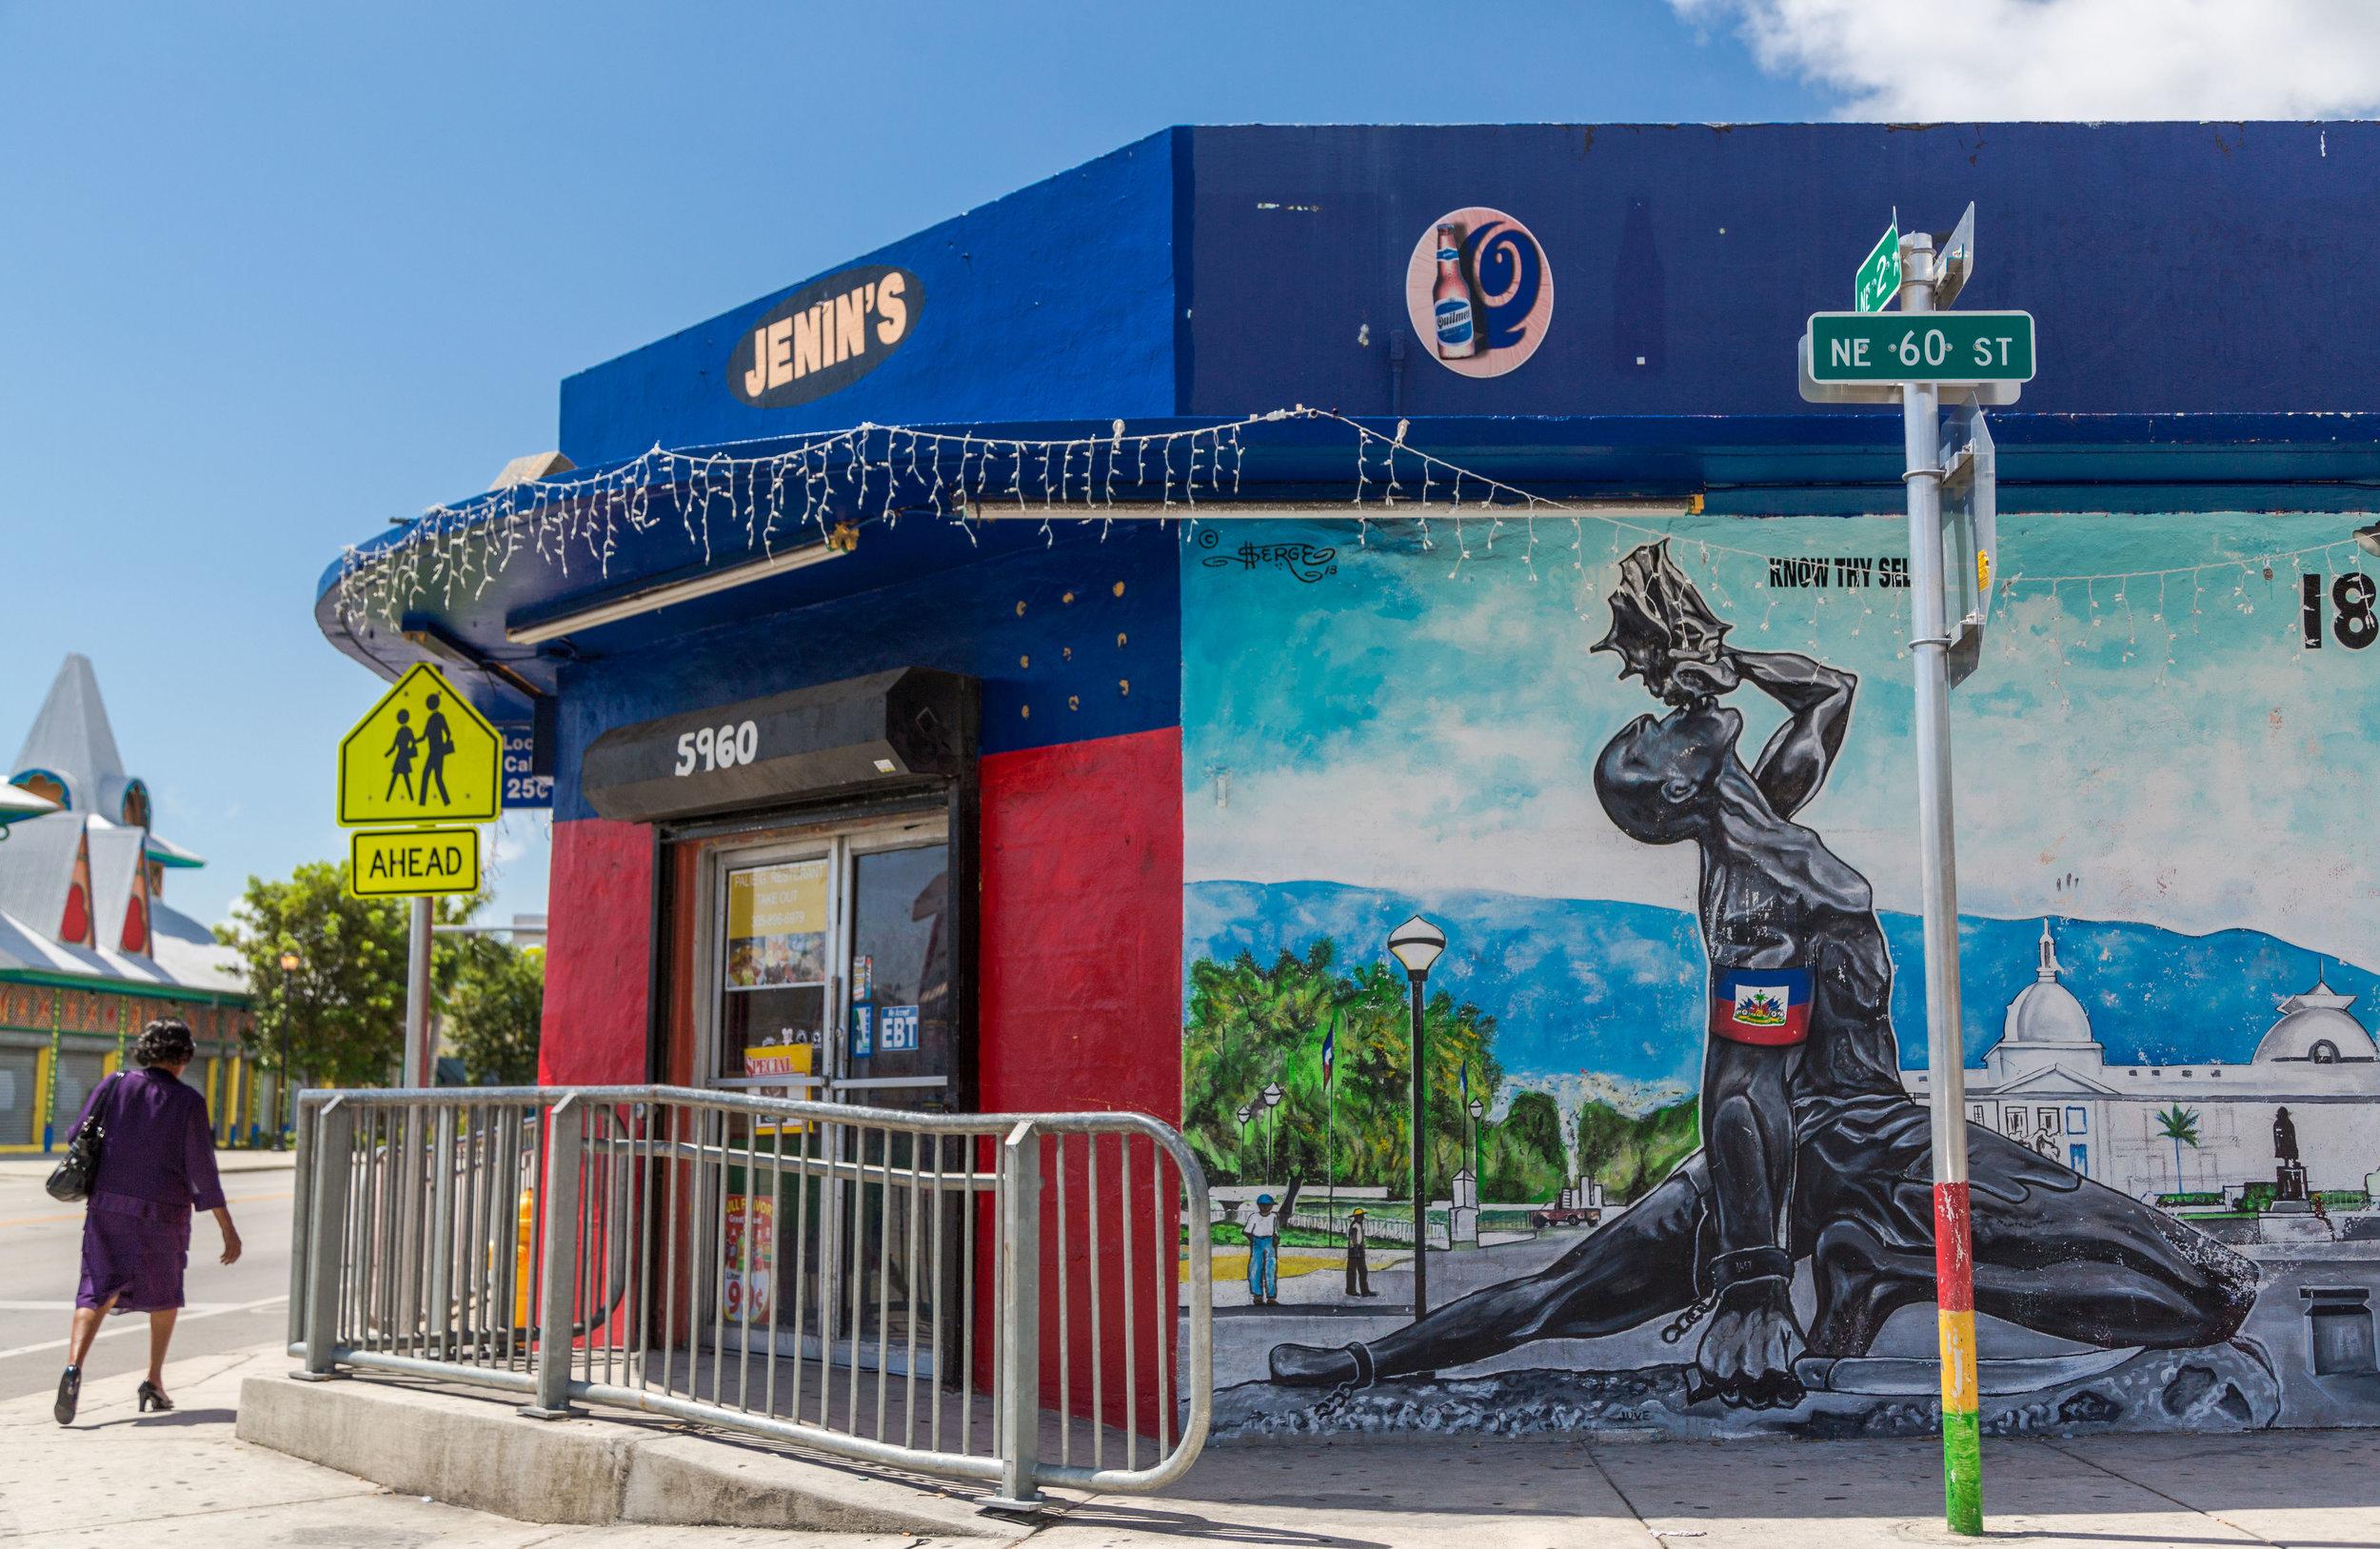 2014-08-AroundMiami-0421.jpg